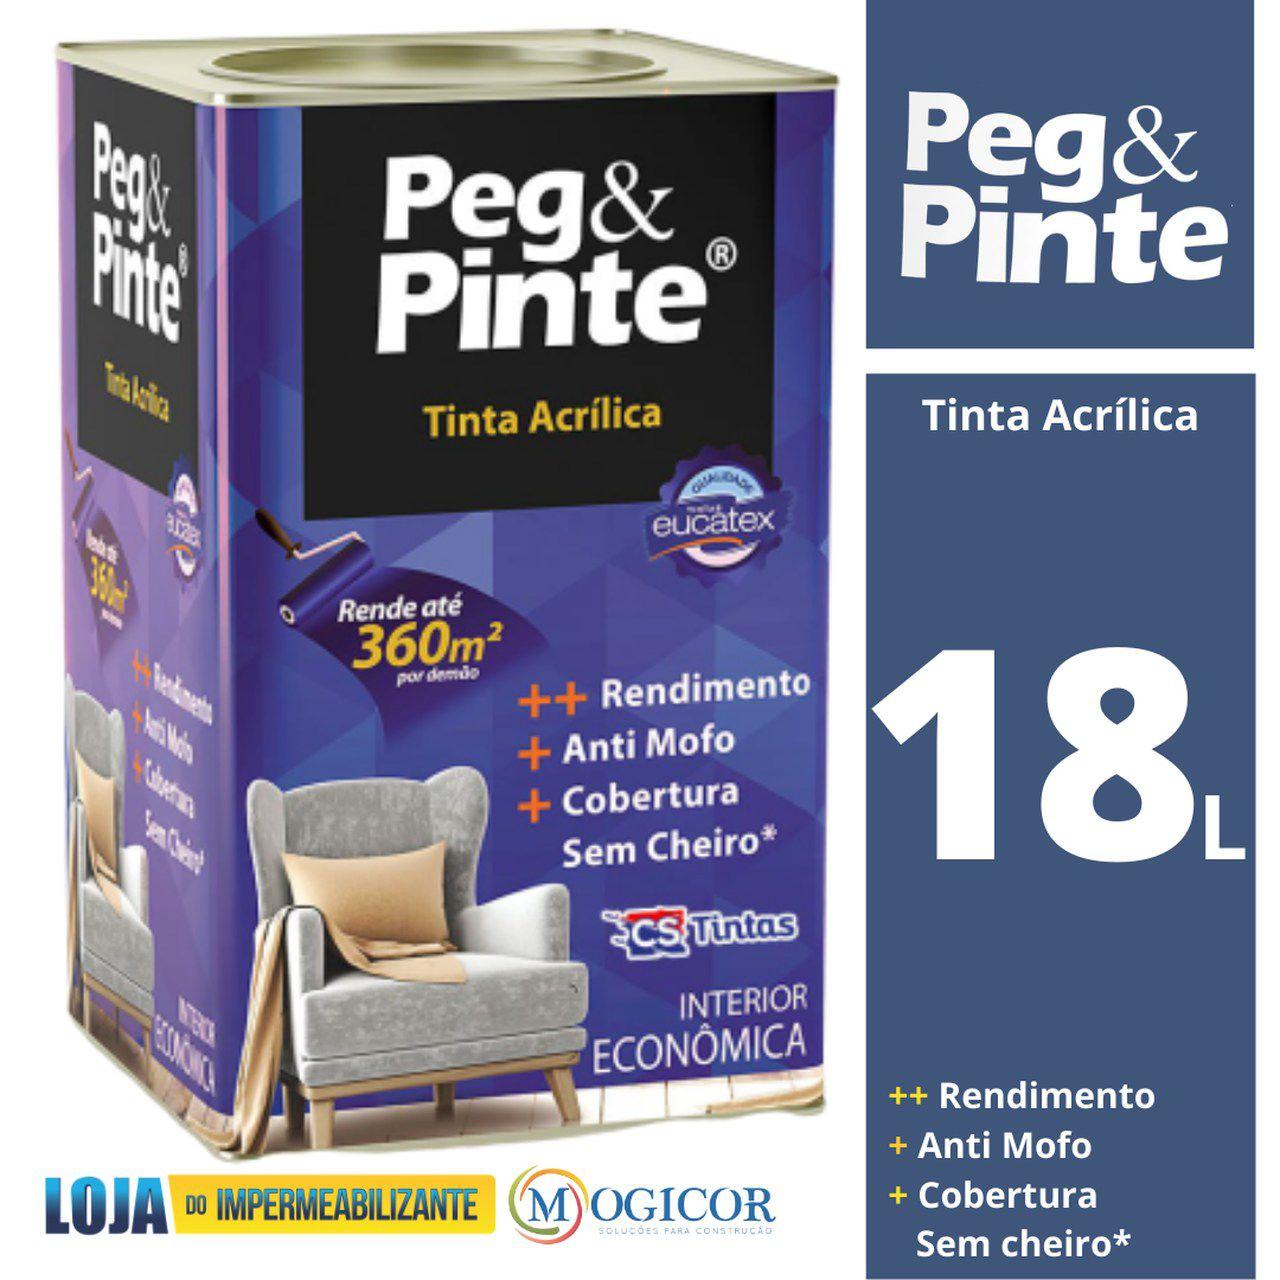 Tinta Acrílica Peg & Pinte Eucatex Econômica 18L